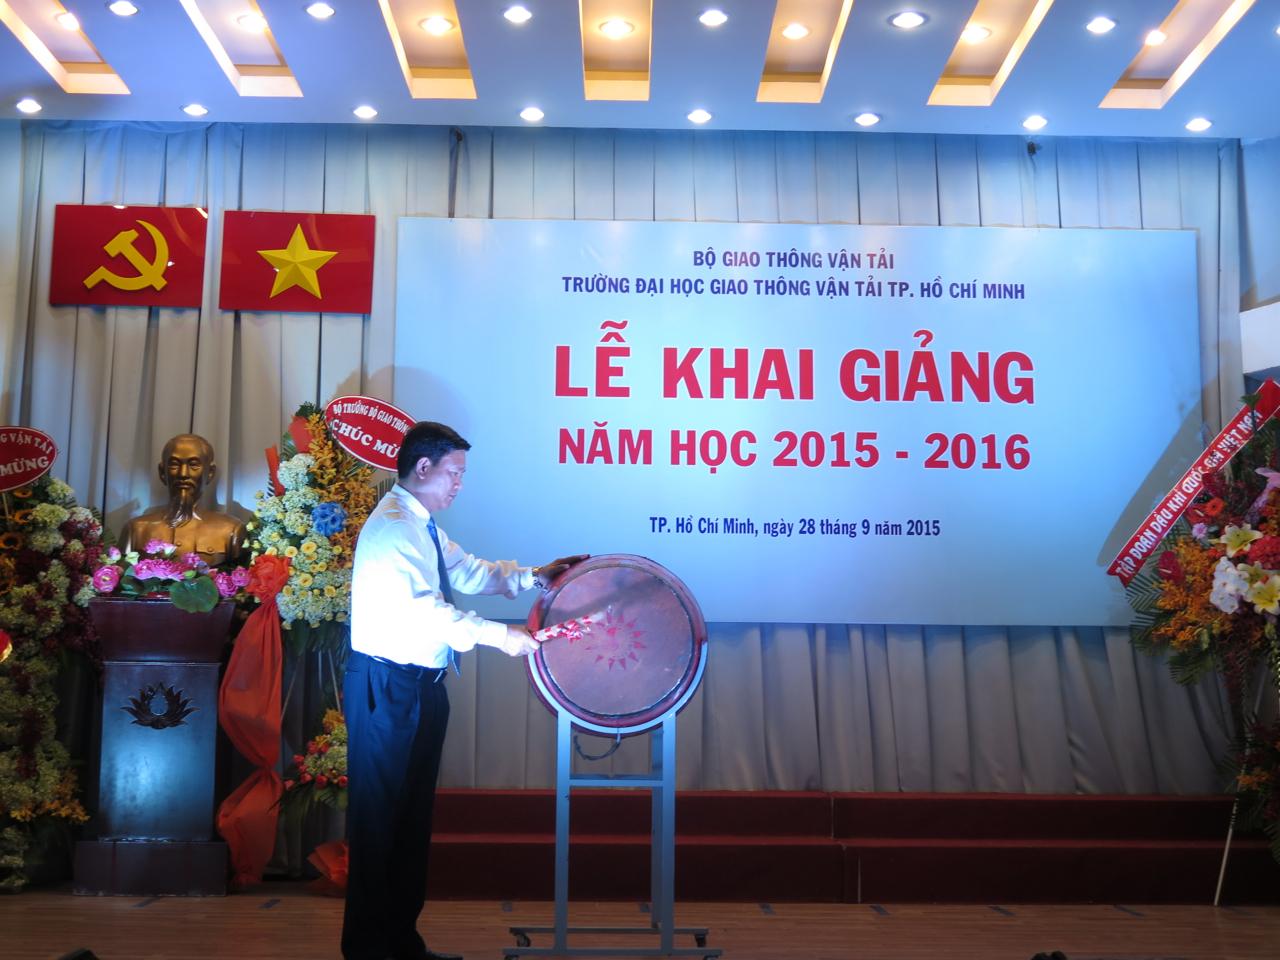 Bộ trưởng Đinh La Thăng dự Lễ khai giảng Đại học GTVT TP.HCM năm học 2015-2016